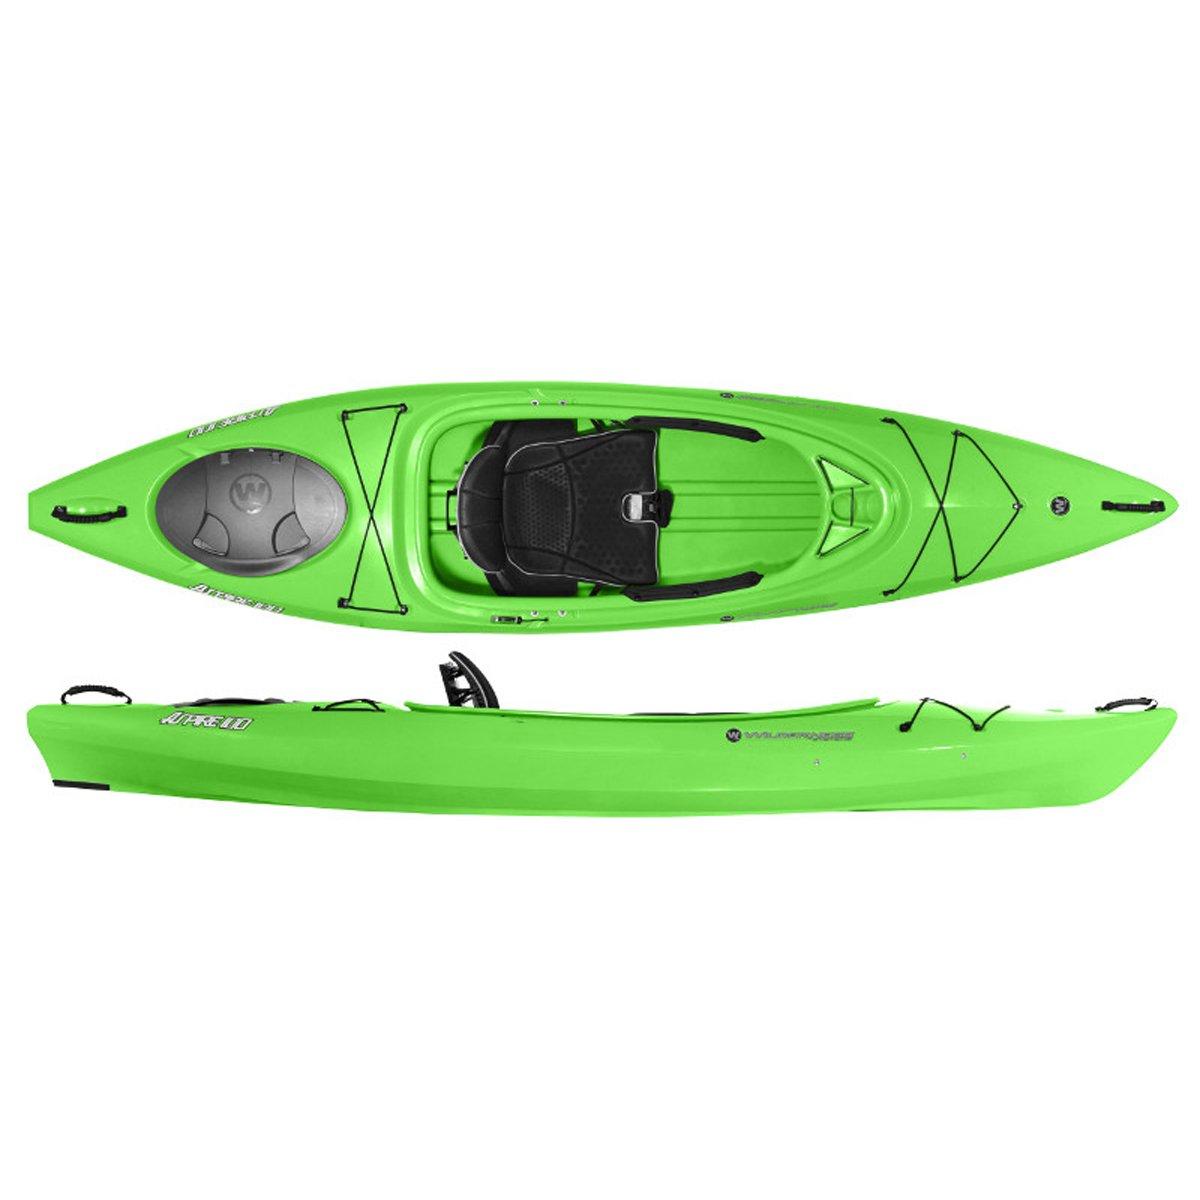 WildernessシステムAspire 100 Kayak、工場秒 Lime グリーン B00T7OCBYS